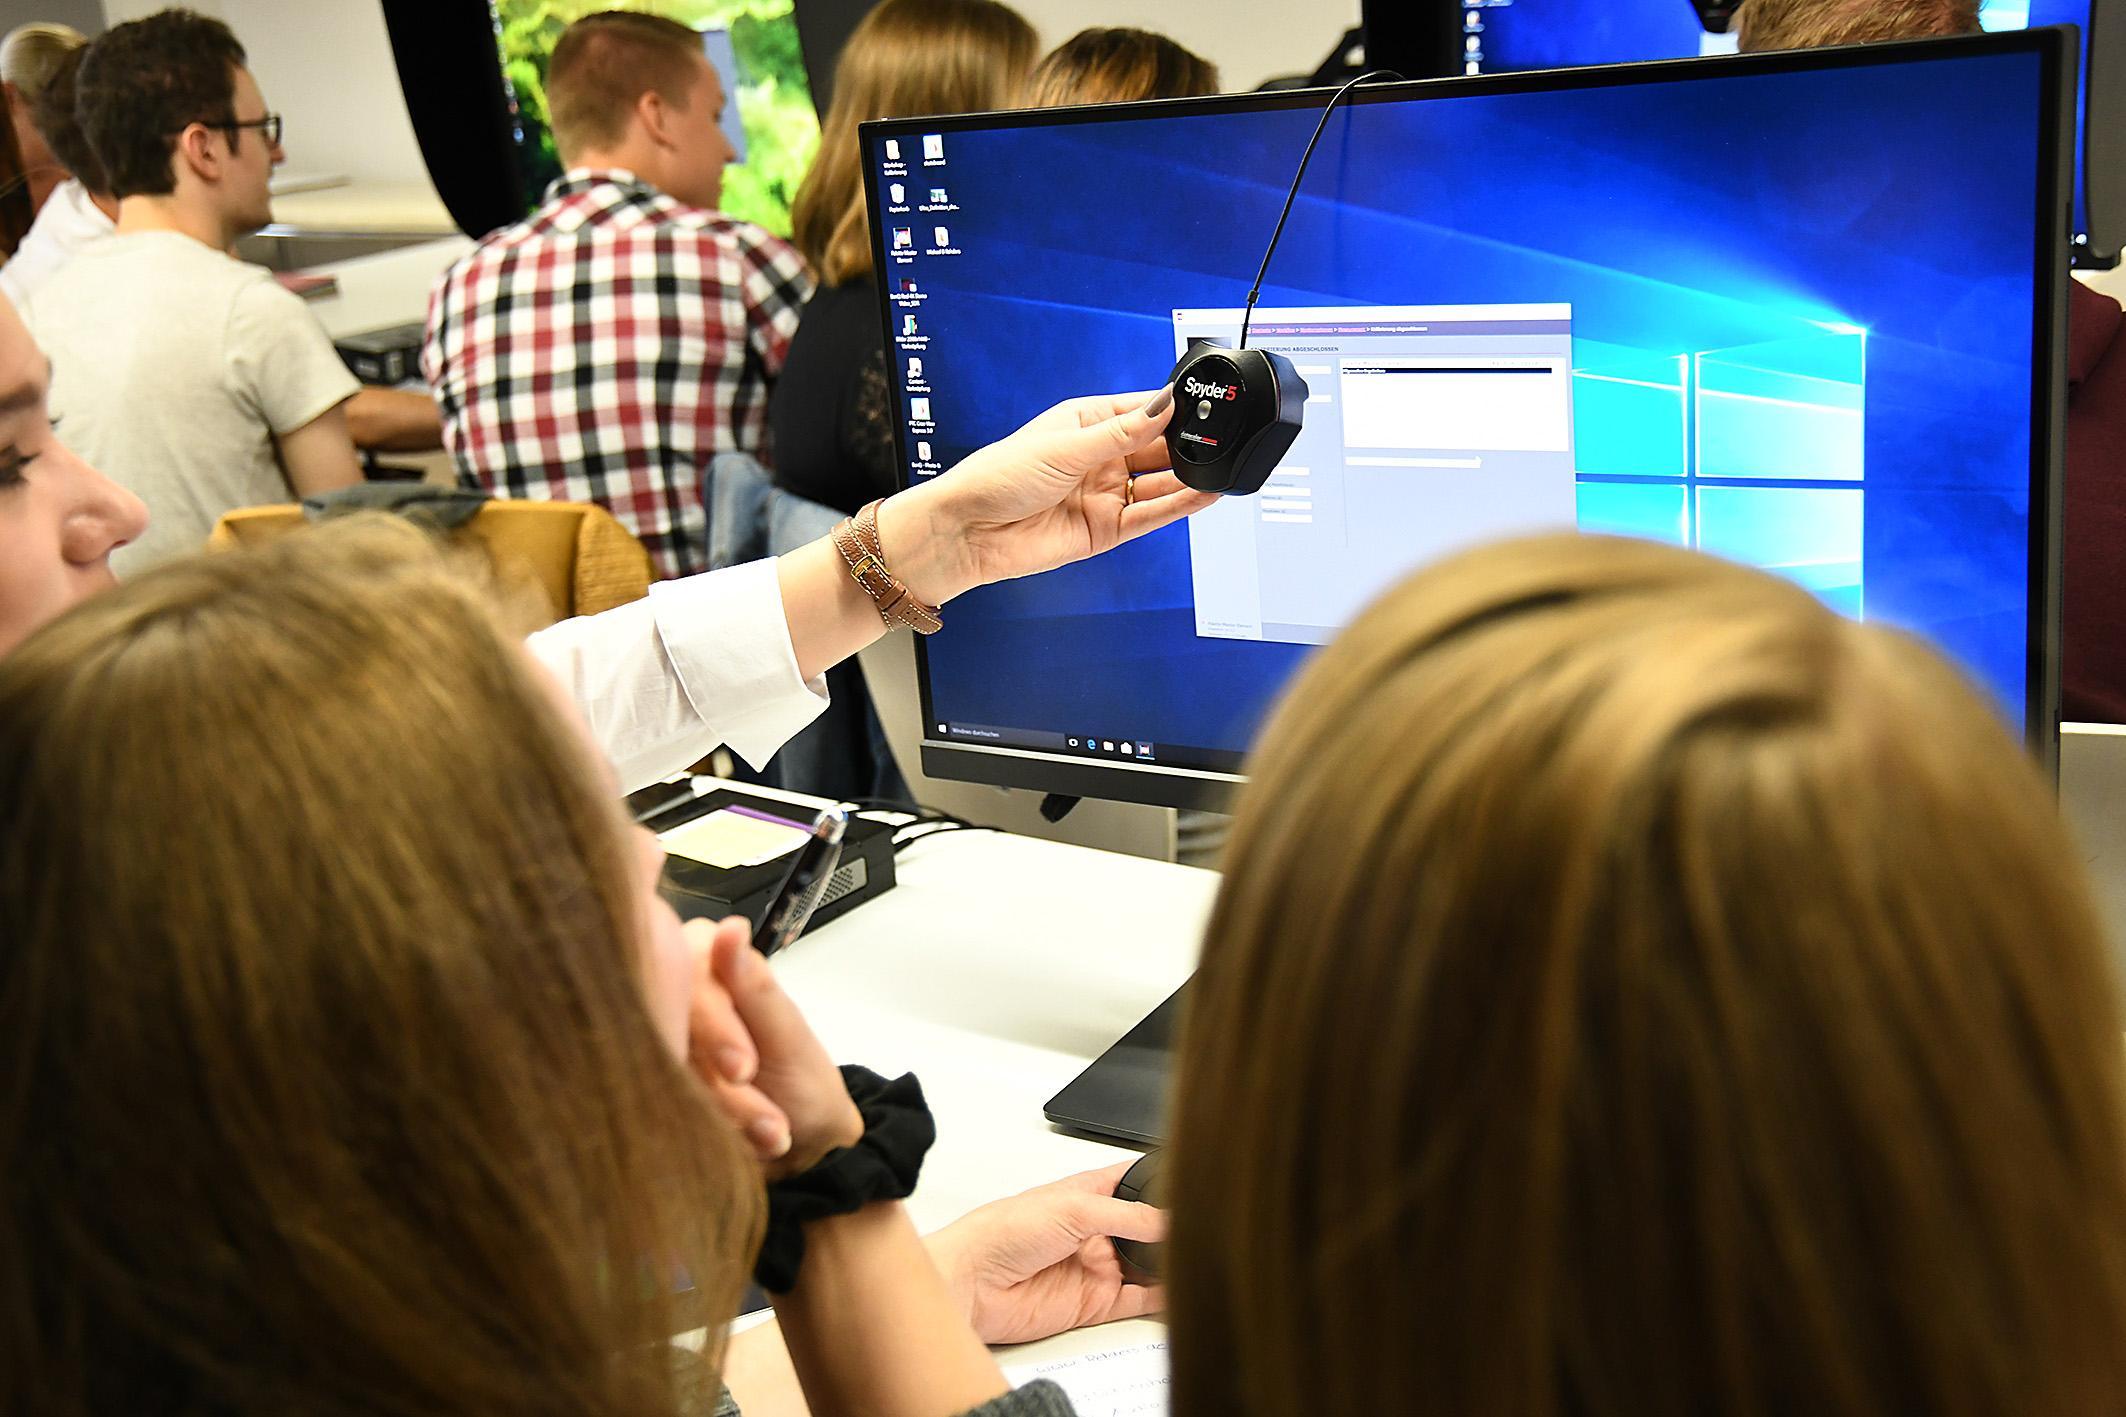 Foto: Michael B. Rehders - Gleich mehrere Sensoren standen den Studenten und Studentinnen zur Verfügung. Darunter die Modelle Spyder 5 und i1Pro.